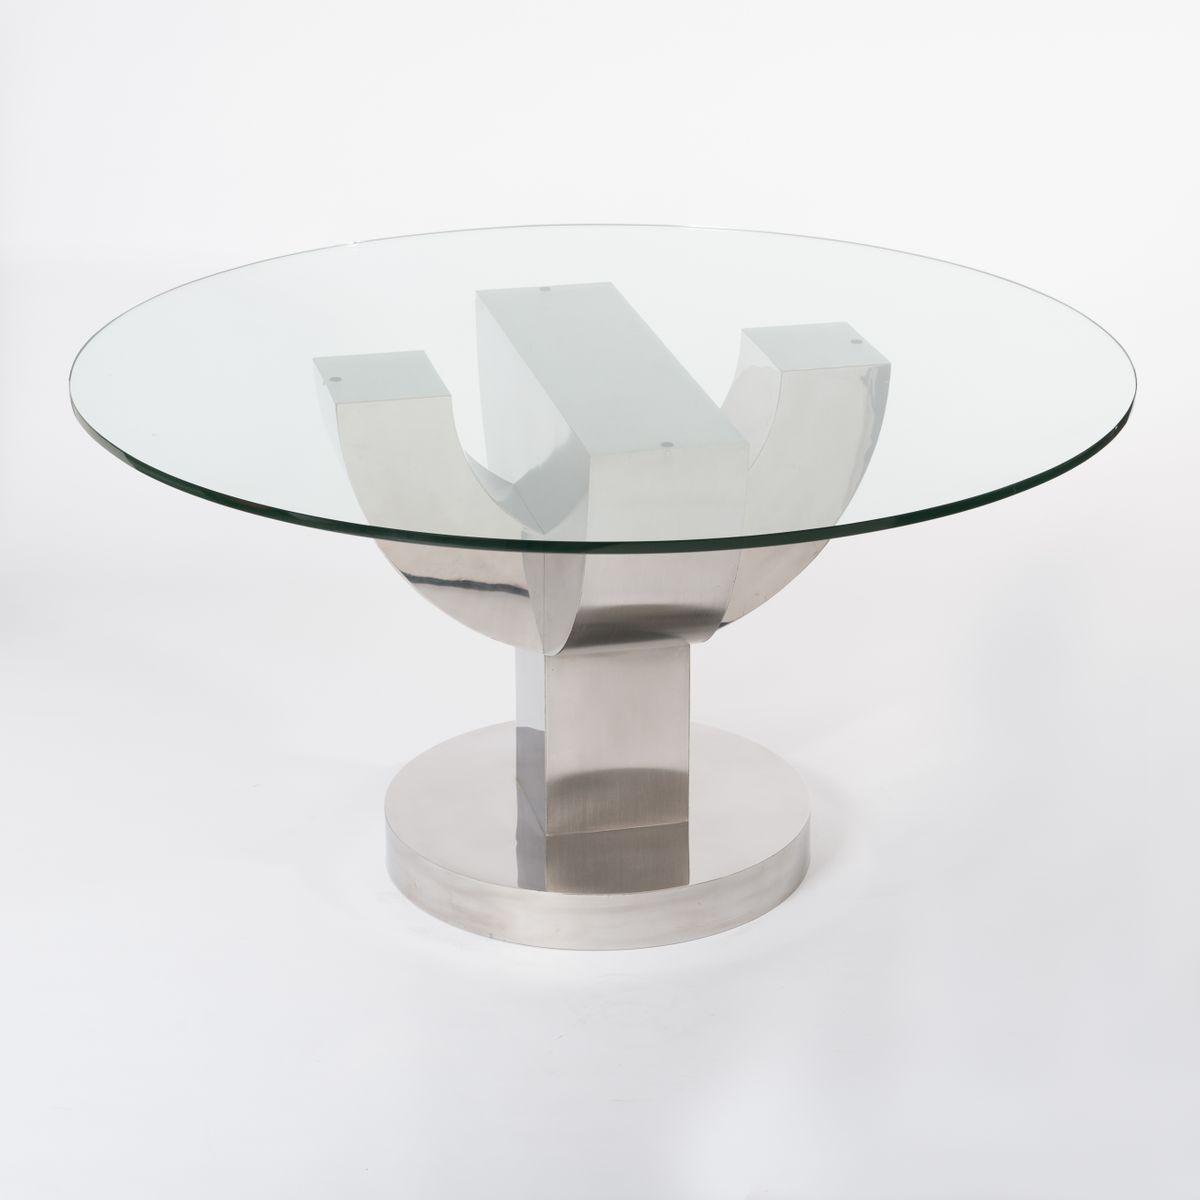 italienischer runder tisch mit kaktusgestell 1970er bei pamono kaufen. Black Bedroom Furniture Sets. Home Design Ideas